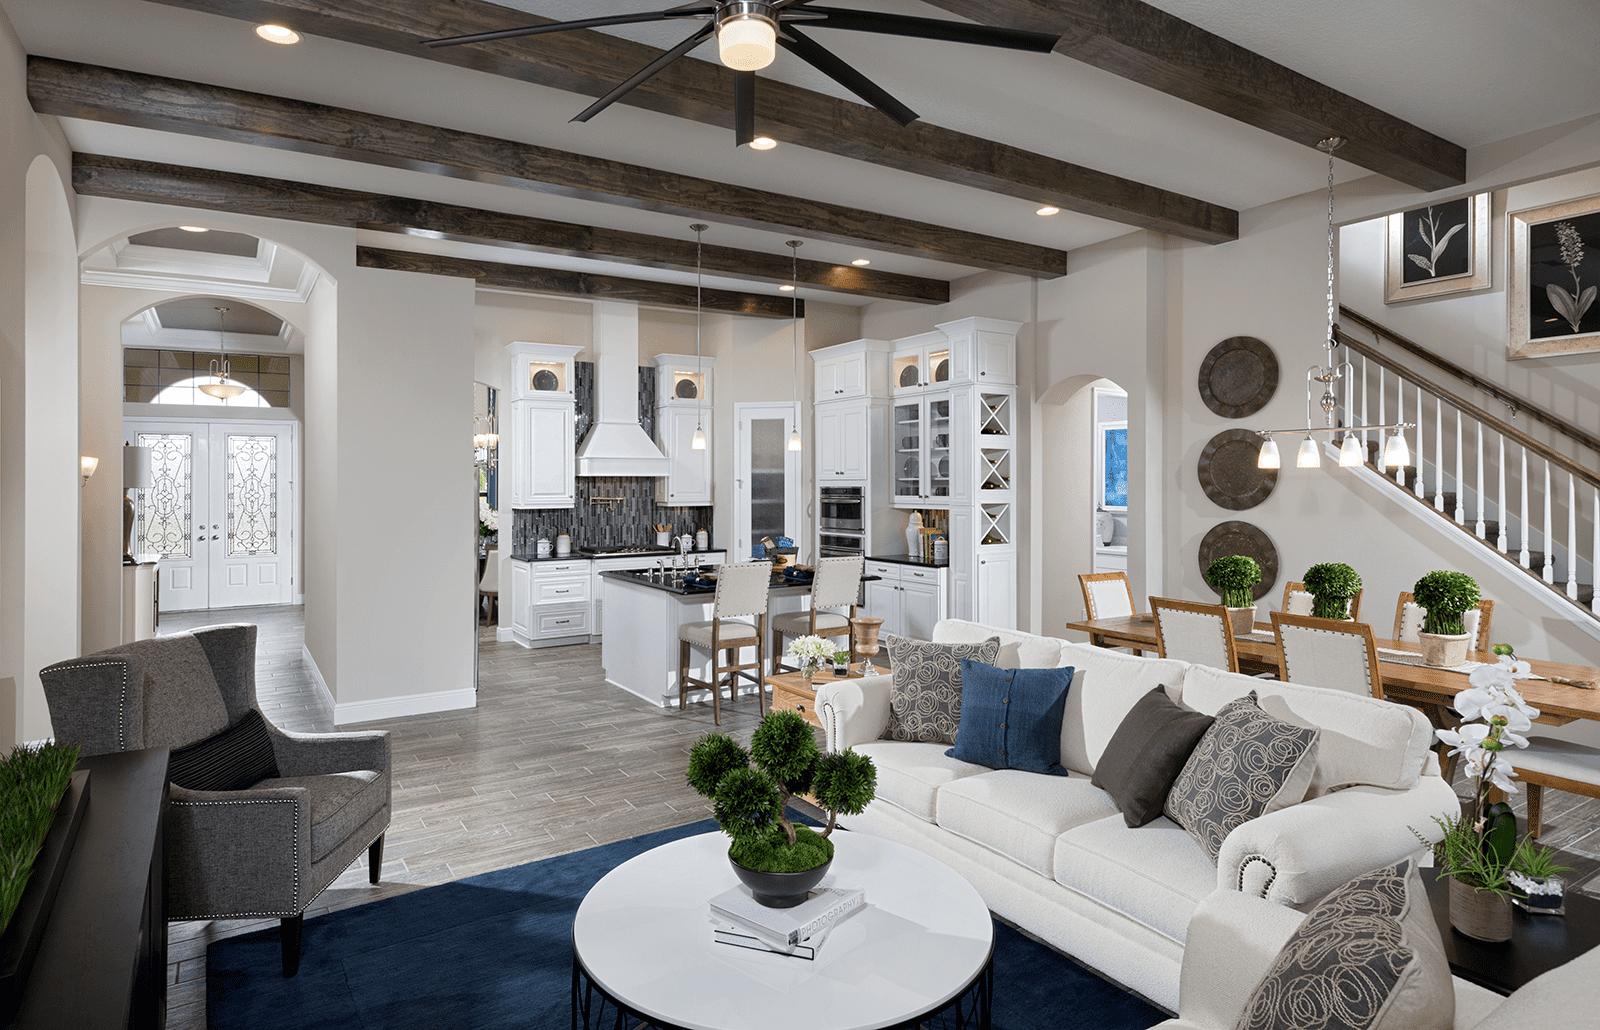 New Homes In Tampa Brandon Apollo Beach Palm Harbor Lithia Fl